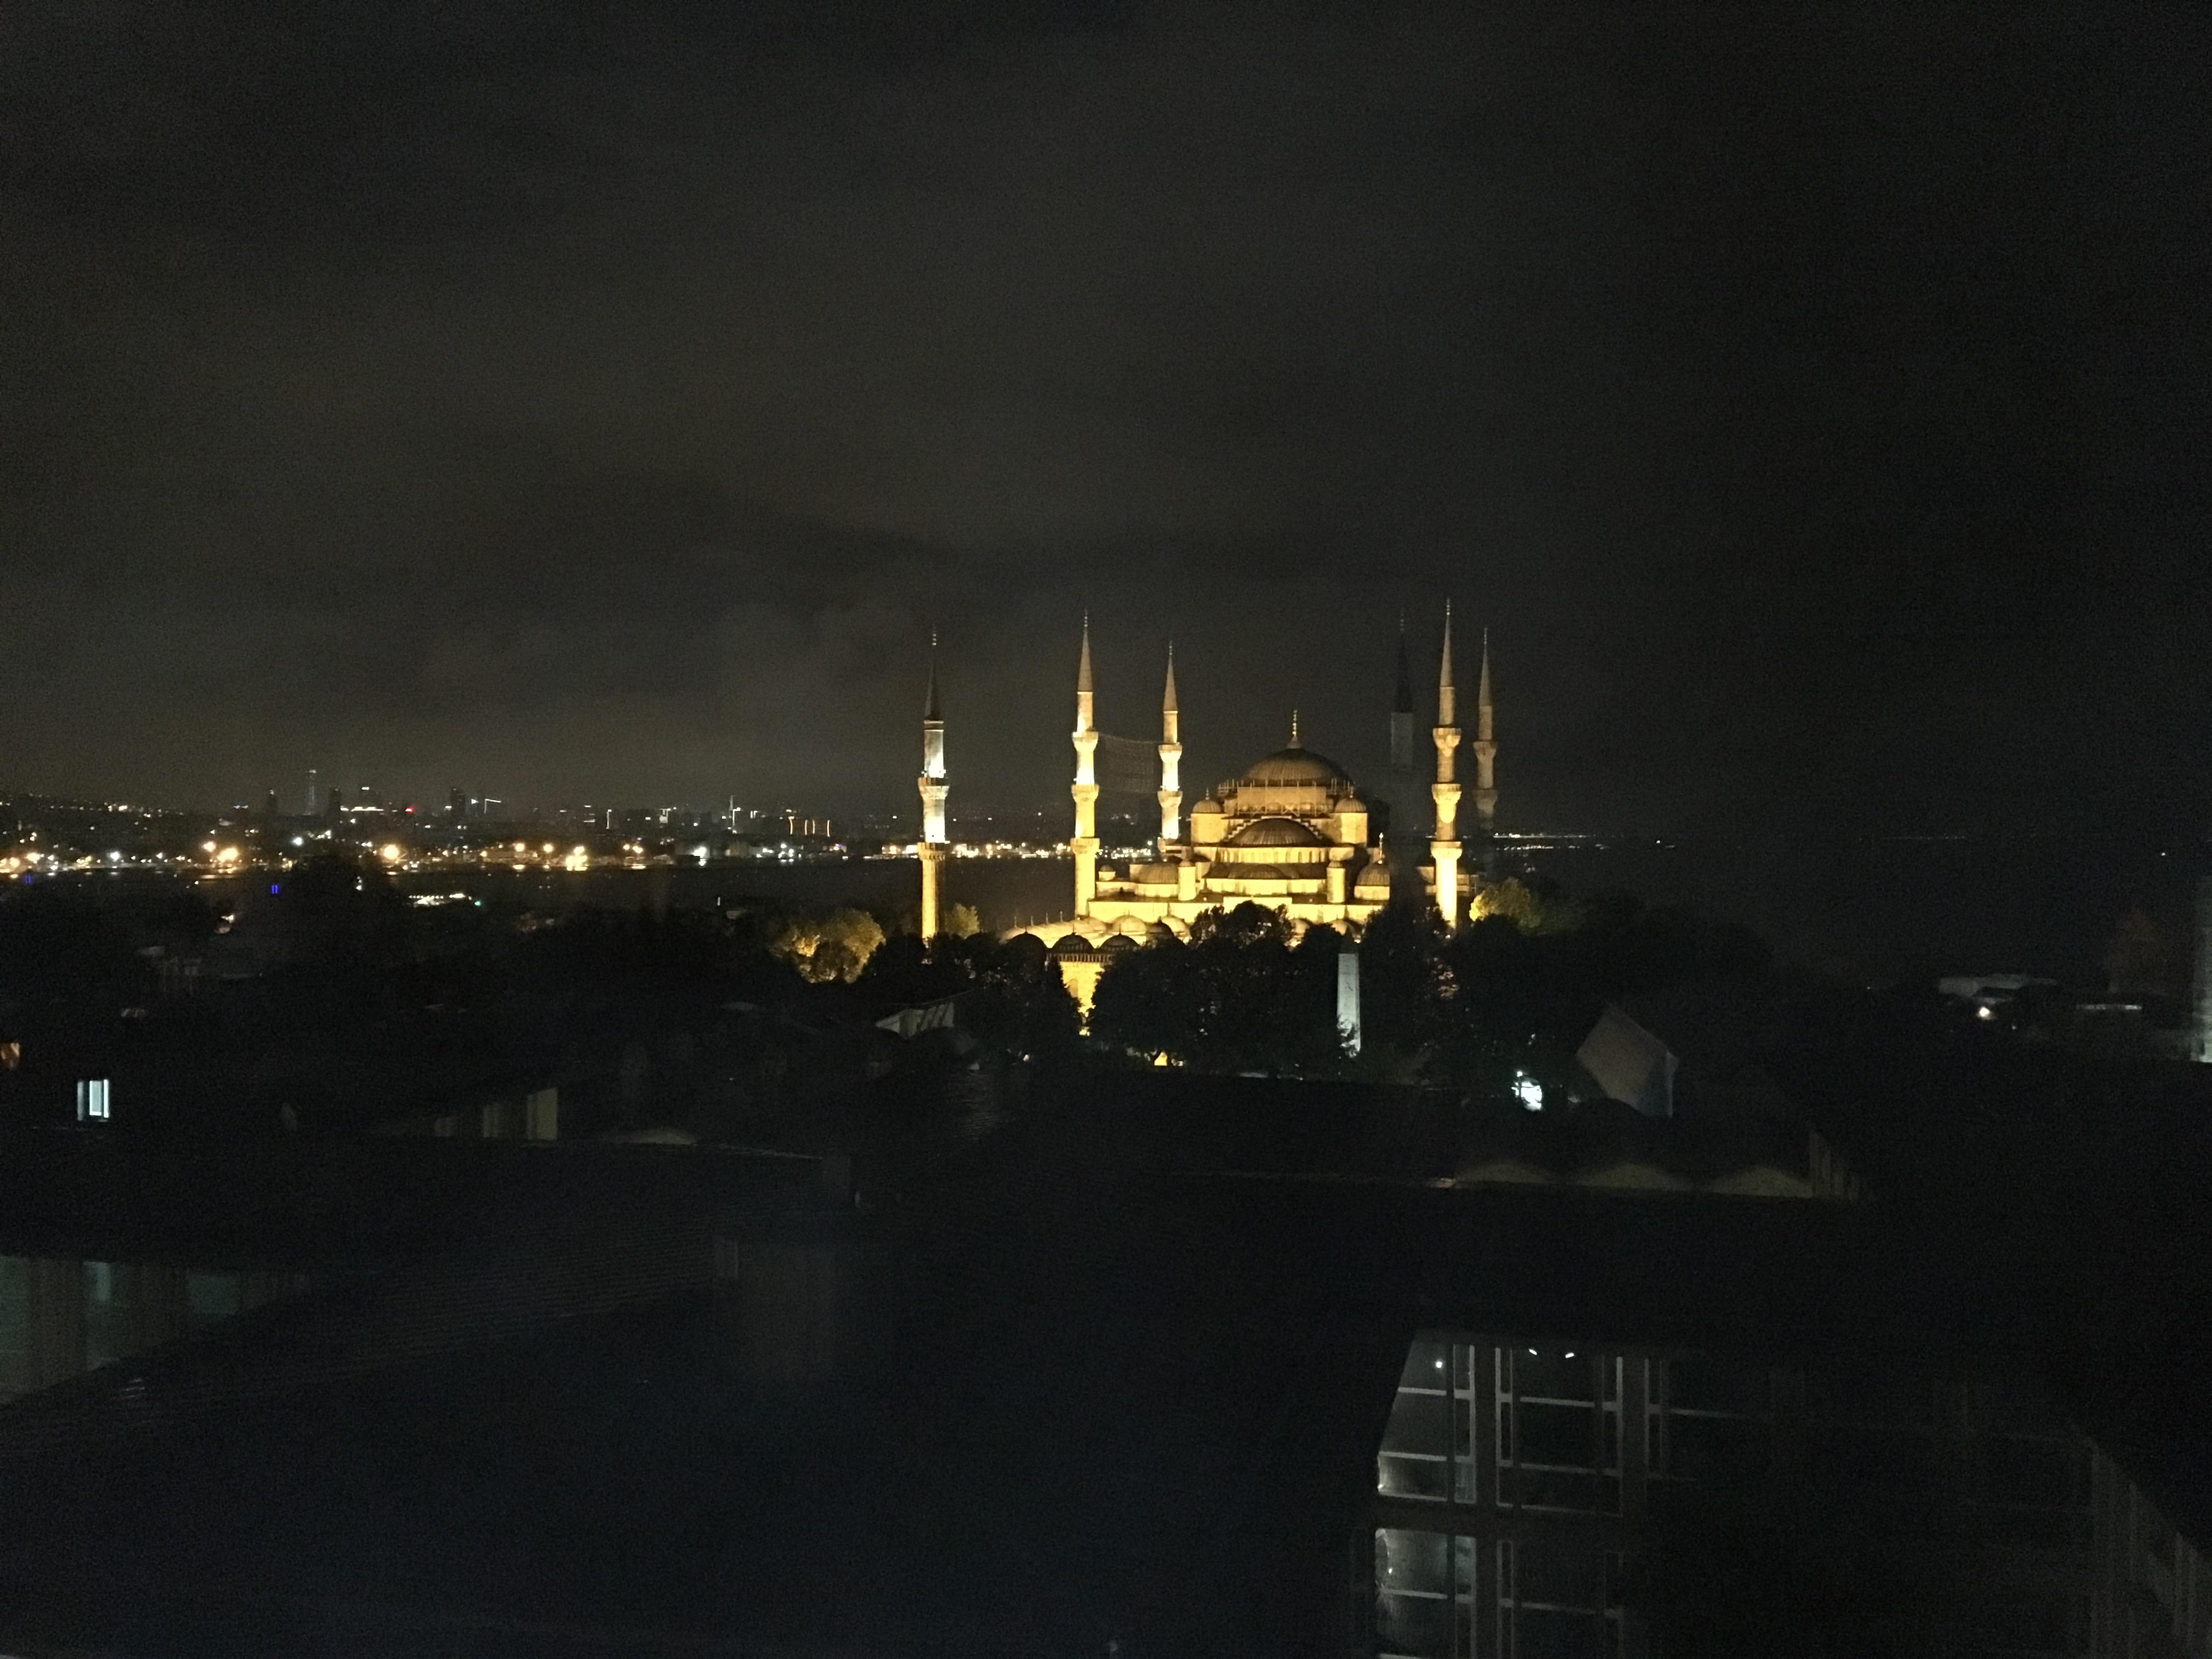 アルカディアブルーホテルから見えるブルーモスク